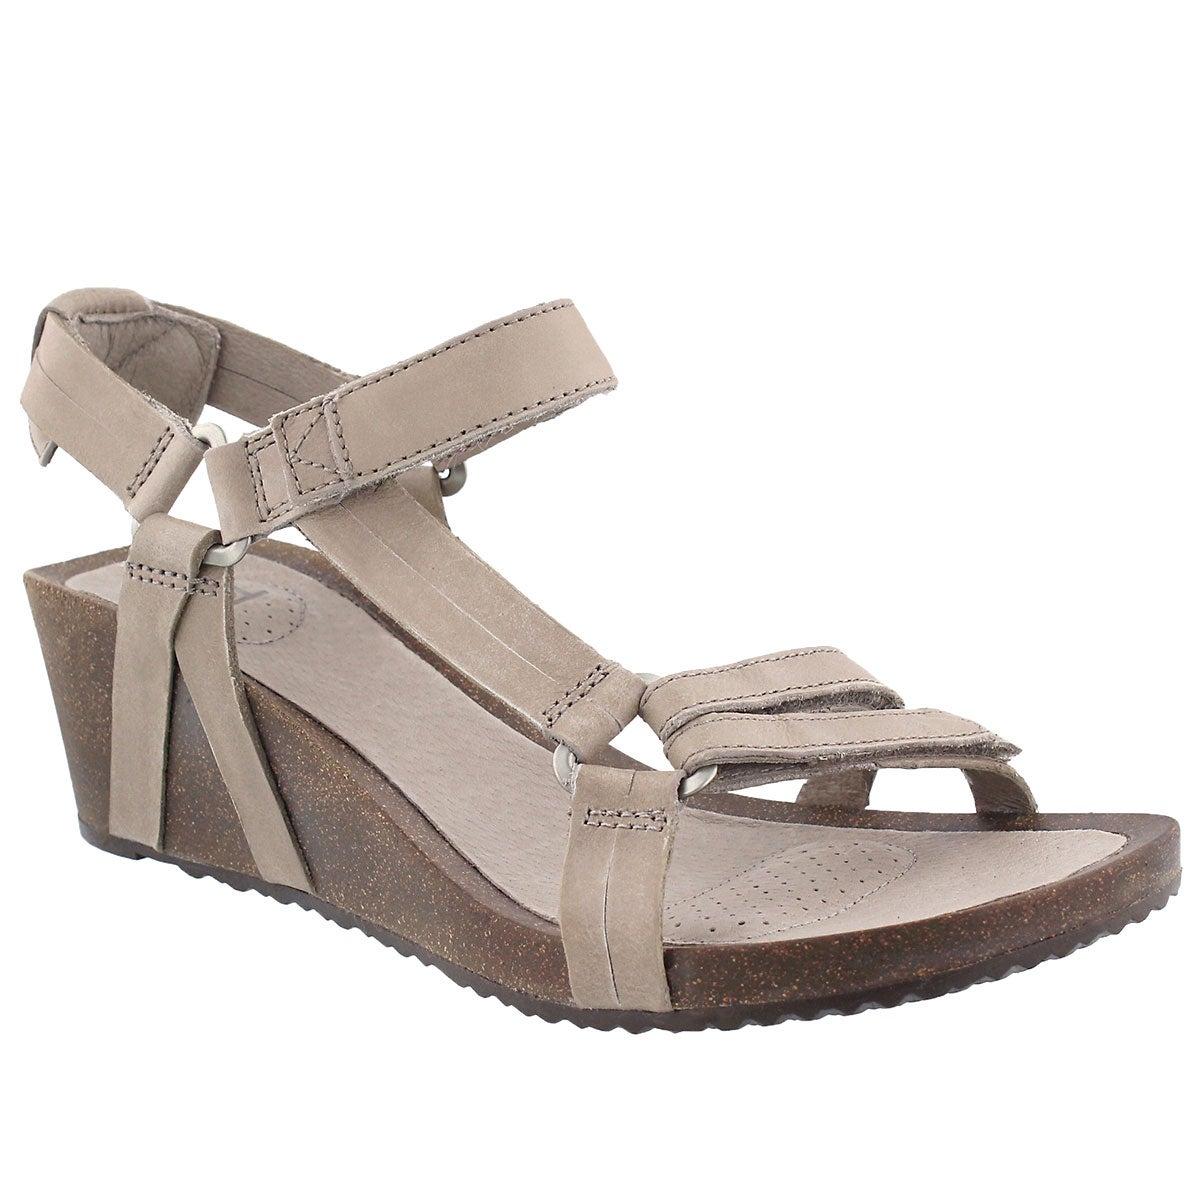 Women's YSIDRO UNIVERSAL taupe wedge sandals